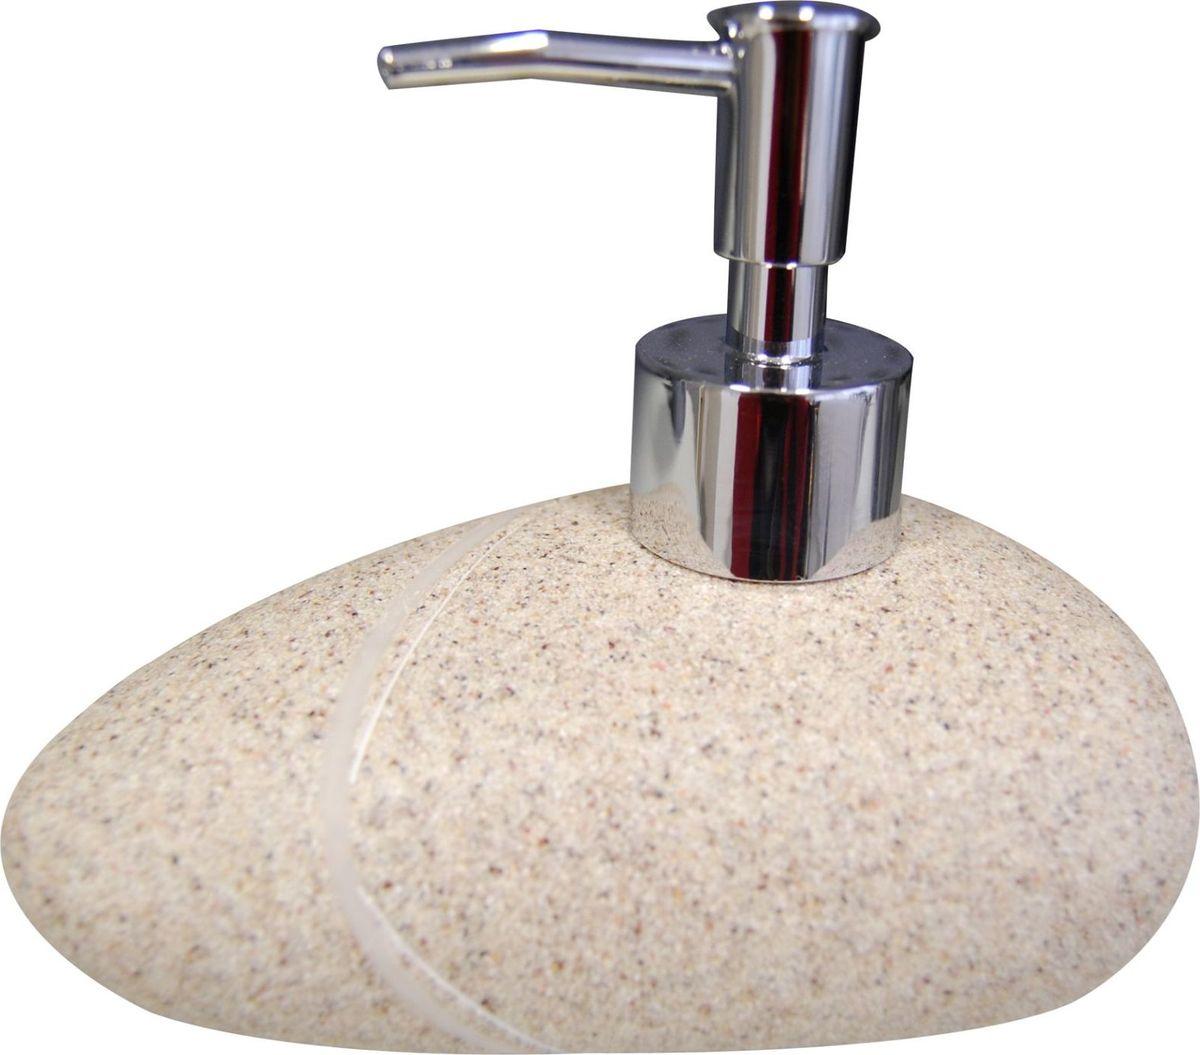 Дозатор для жидкого мыла Ridder Little Rock, цвет: бежевыйMRPSBC1i45Изделия данной серии устойчивы к ультрафиолету, т.к. изготавливаются из полирезины.Экологичная полирезина - это твердый многокомпонентный материал на основе синтетической смолы,с добавлением каменной крошки и красящих пигментов. Объем: 200 мл.